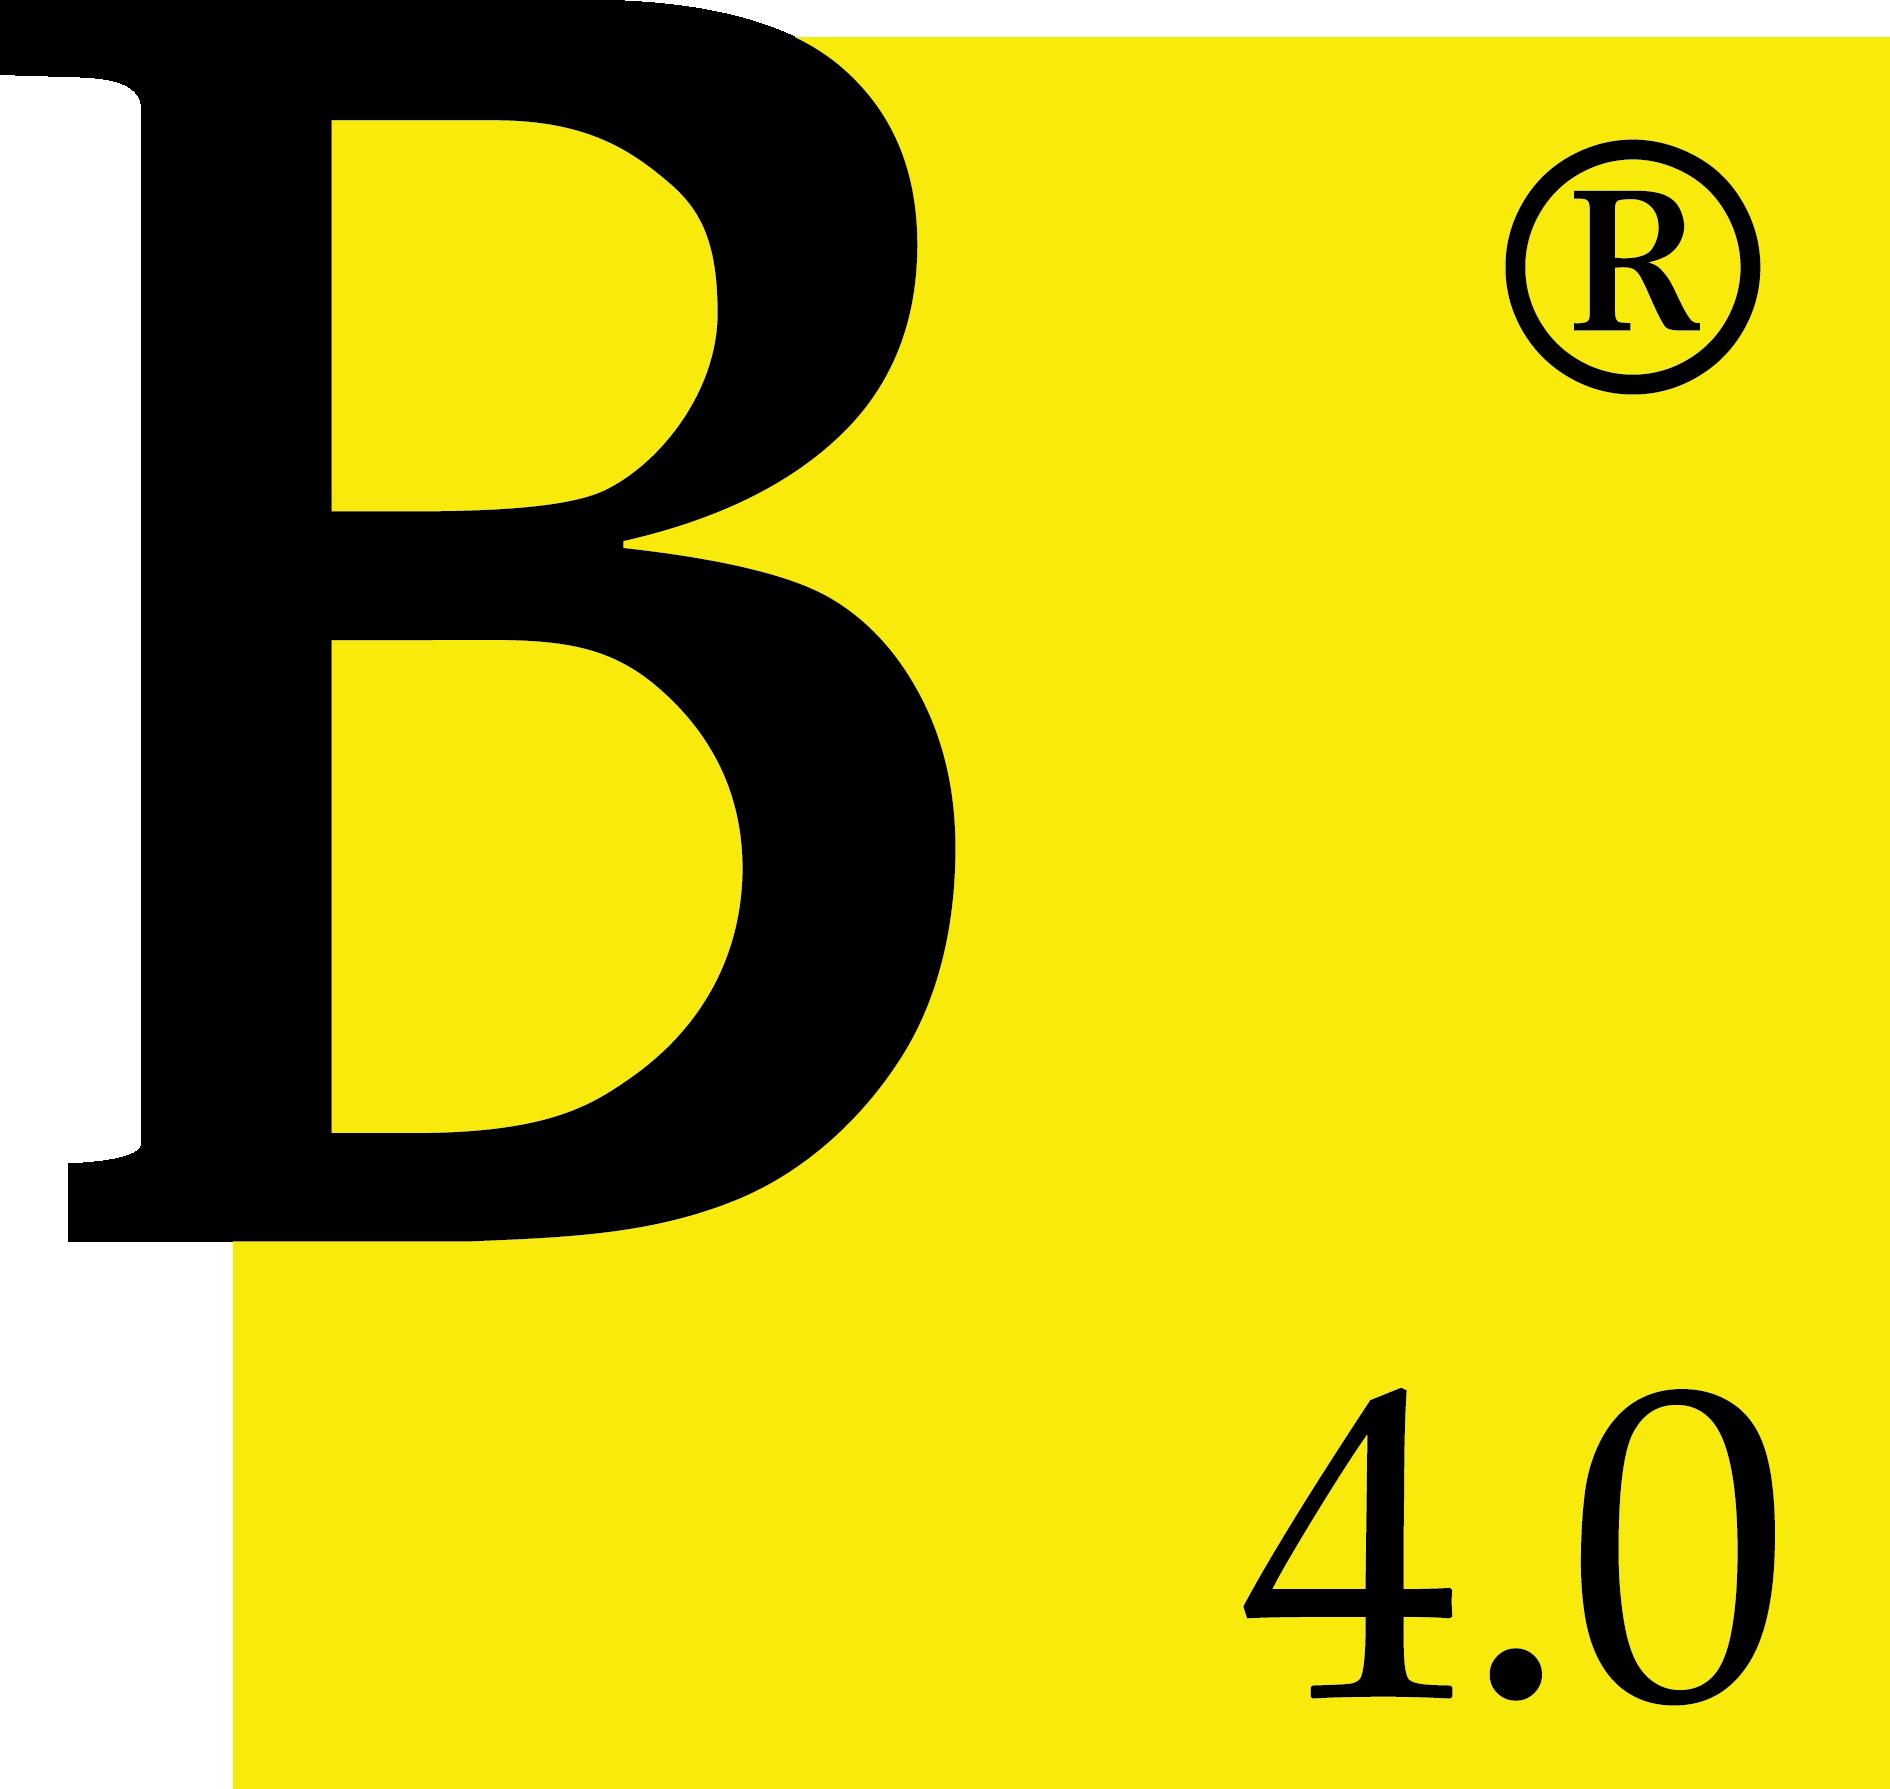 Bau4.0.png